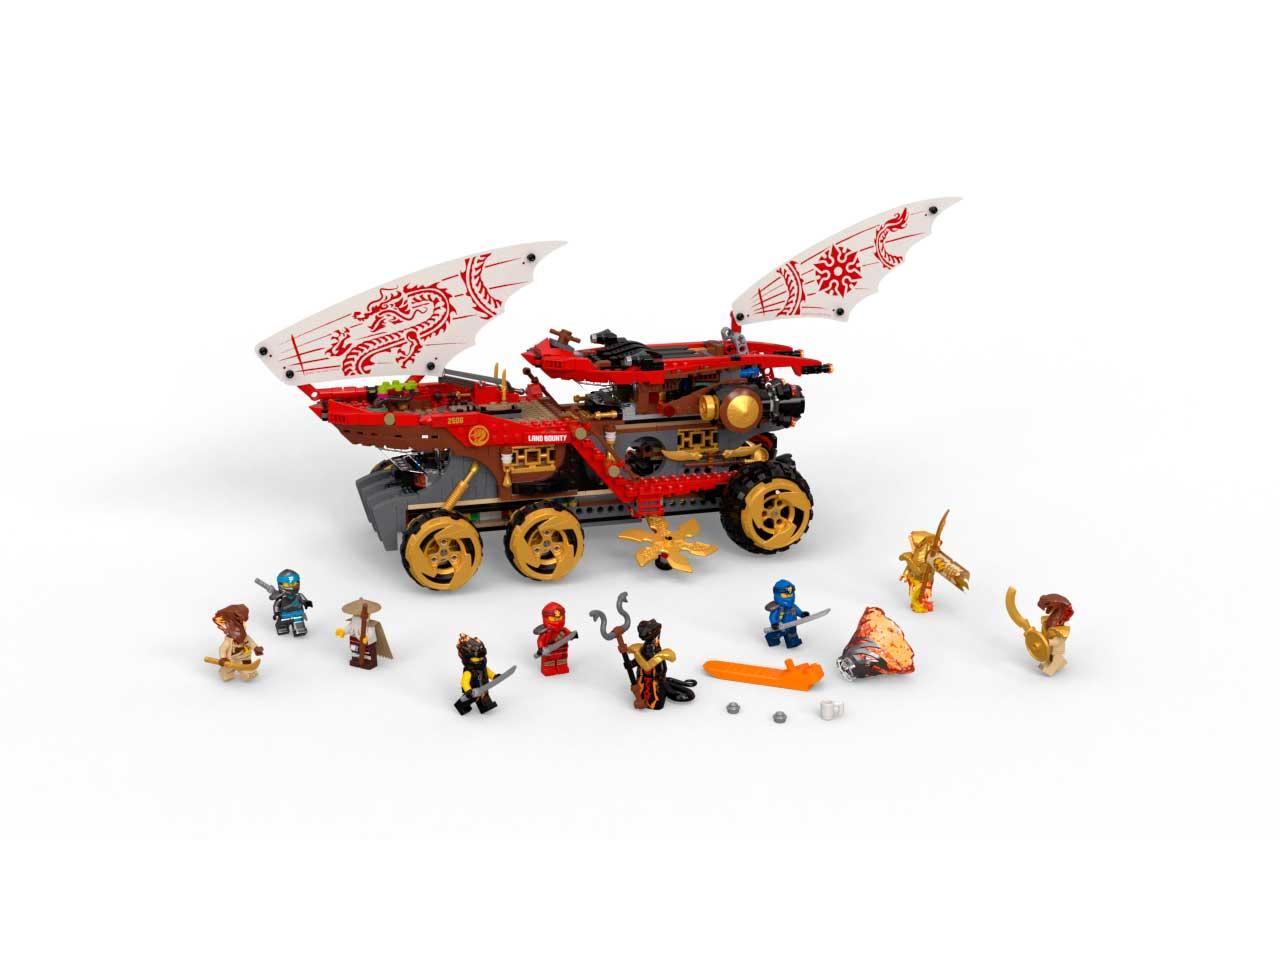 Lego boost купить екатеринбург